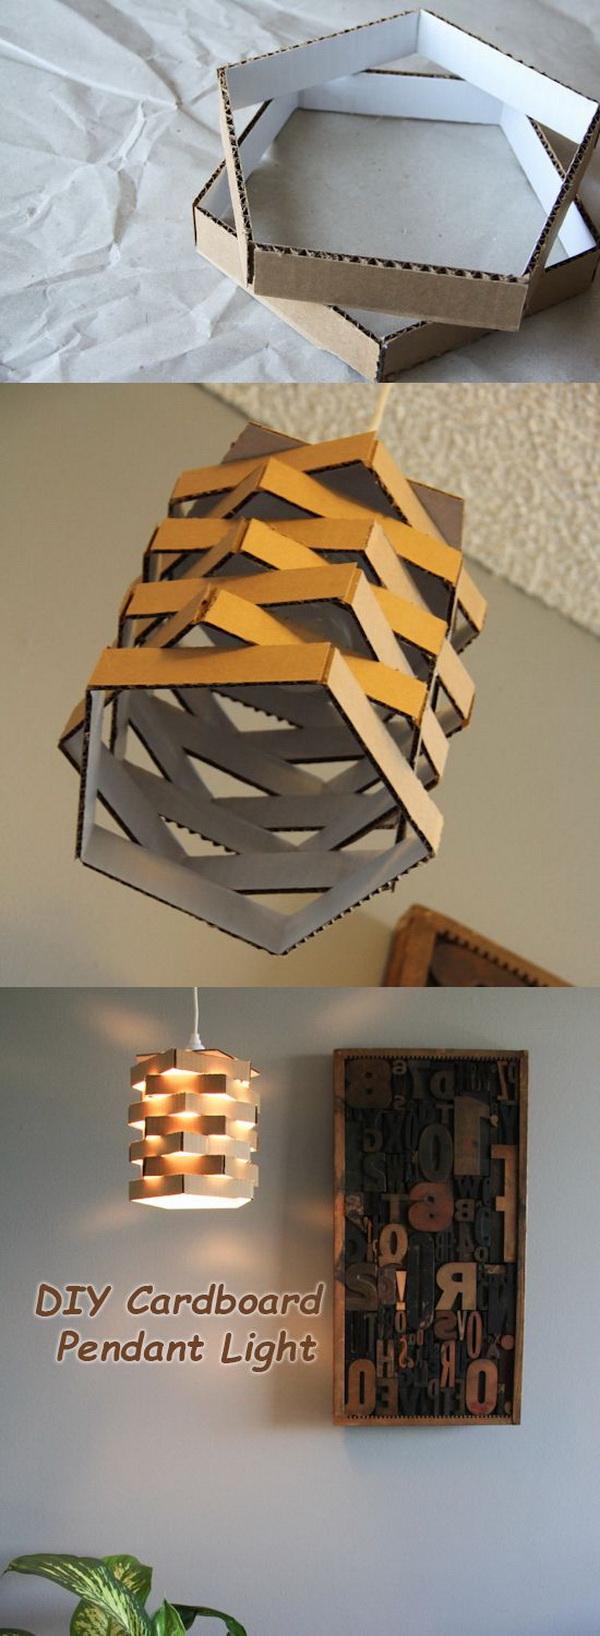 DIY Cardboard Pendant Light.